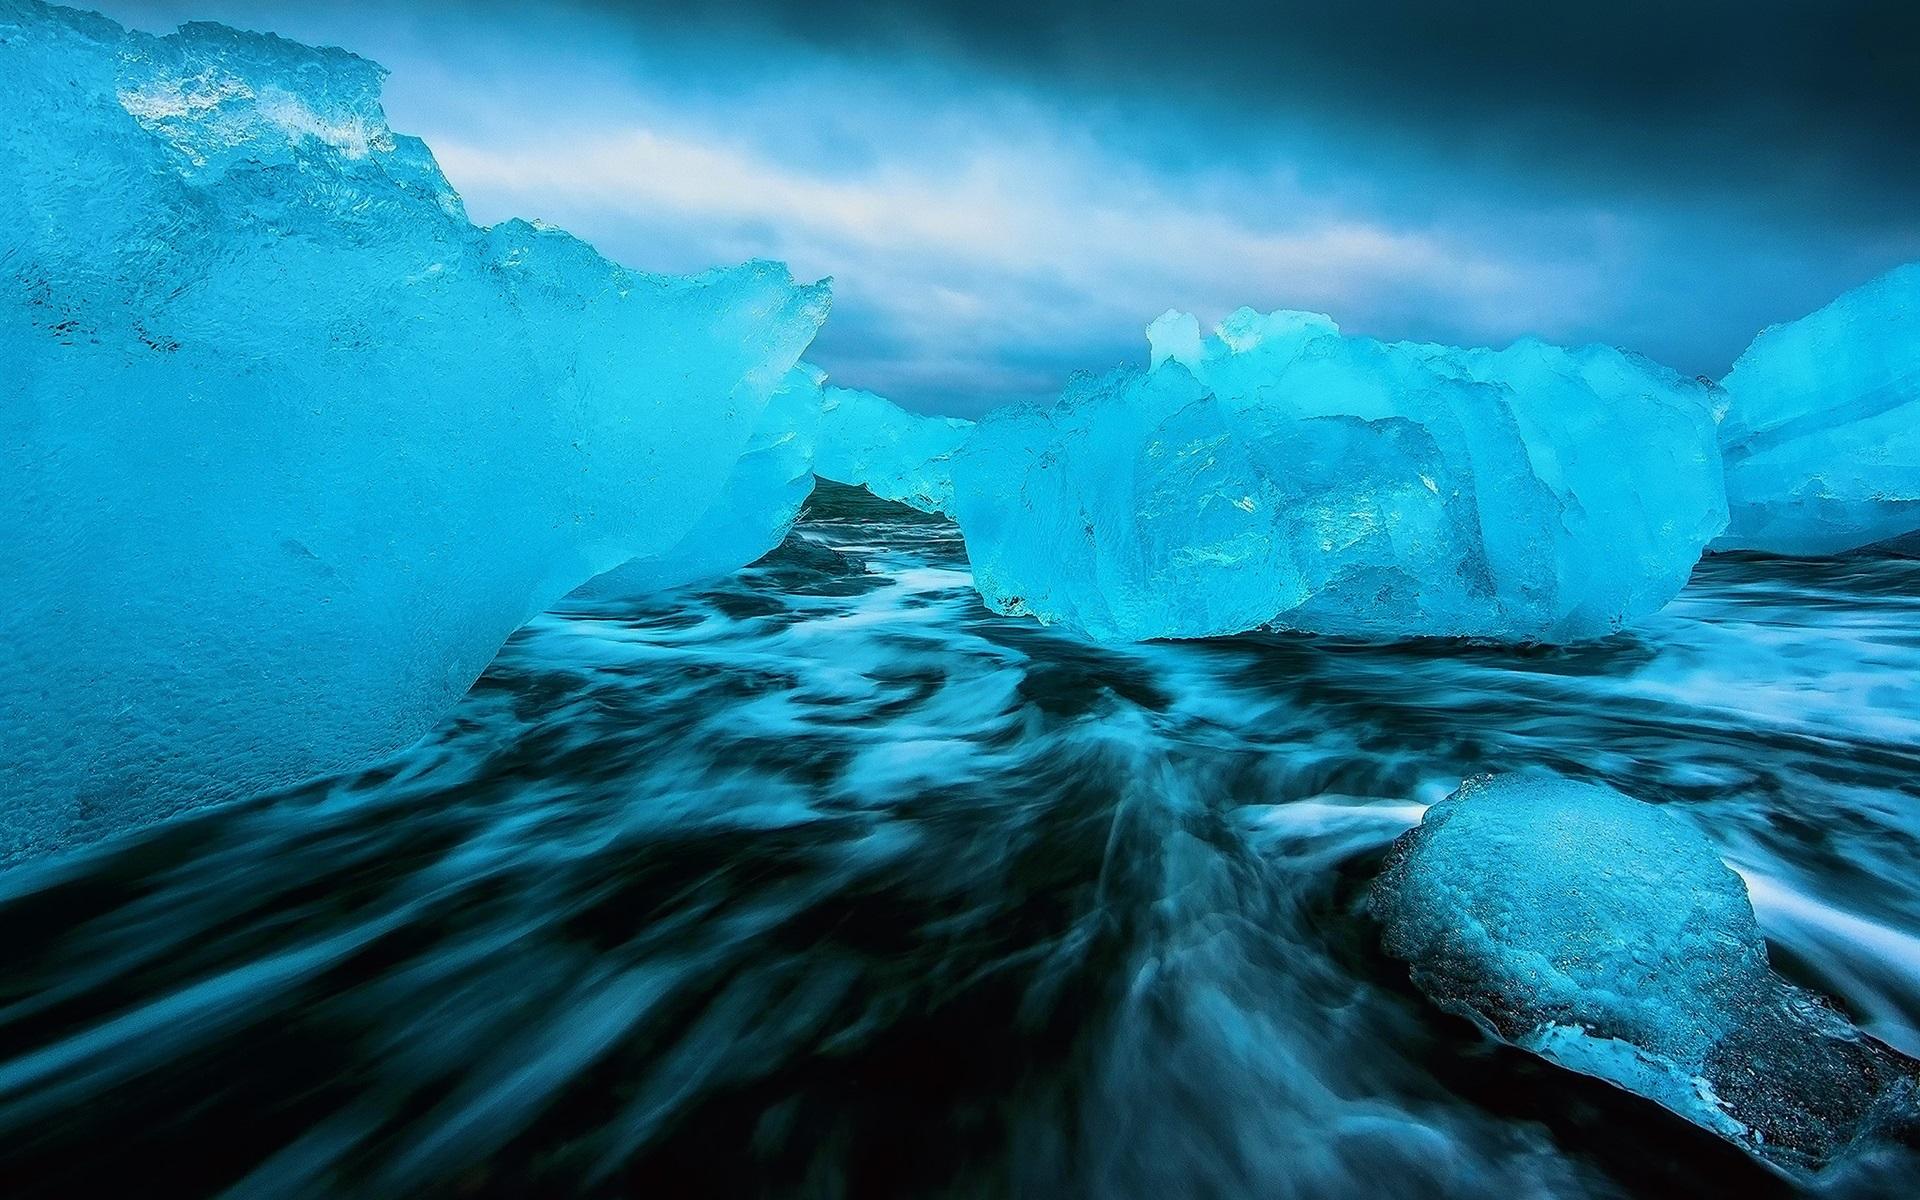 голубое море фотографии зимой турции люди привыкли